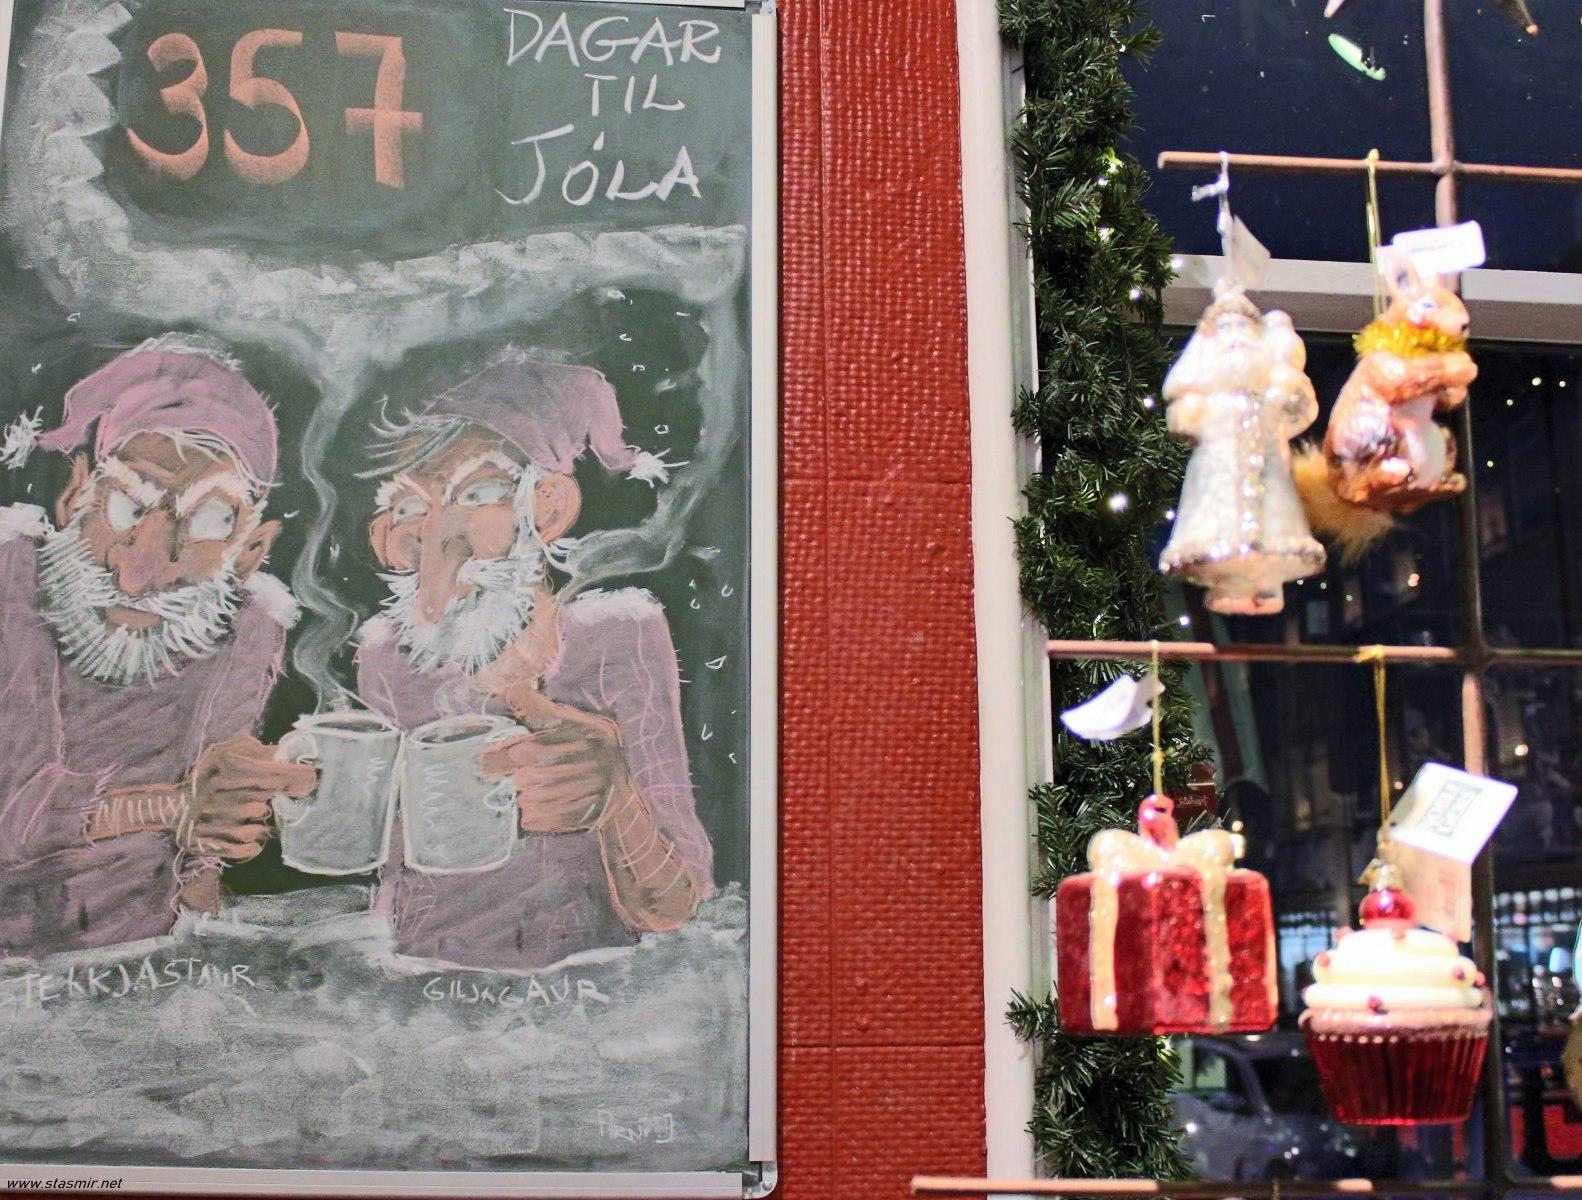 357 дней до Рождества, фото Стасмир, photo Stasmir